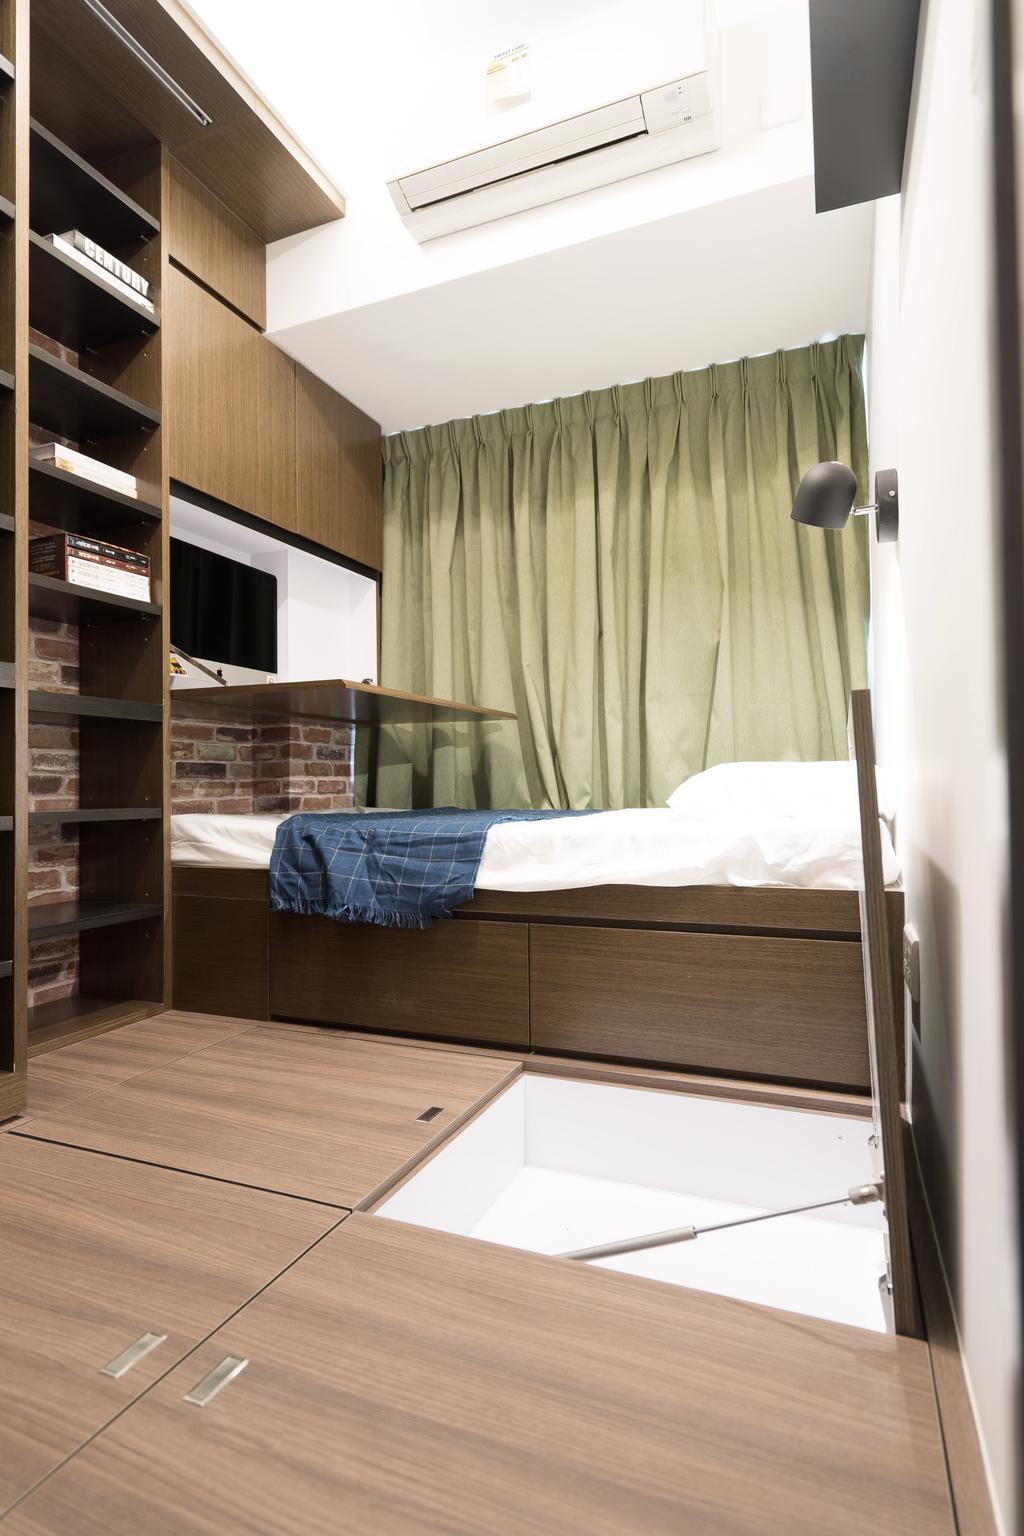 北歐, 私家樓, 睡房, 上水名都, 室內設計師, The NEST, 過渡時期, 簡約, 摩登